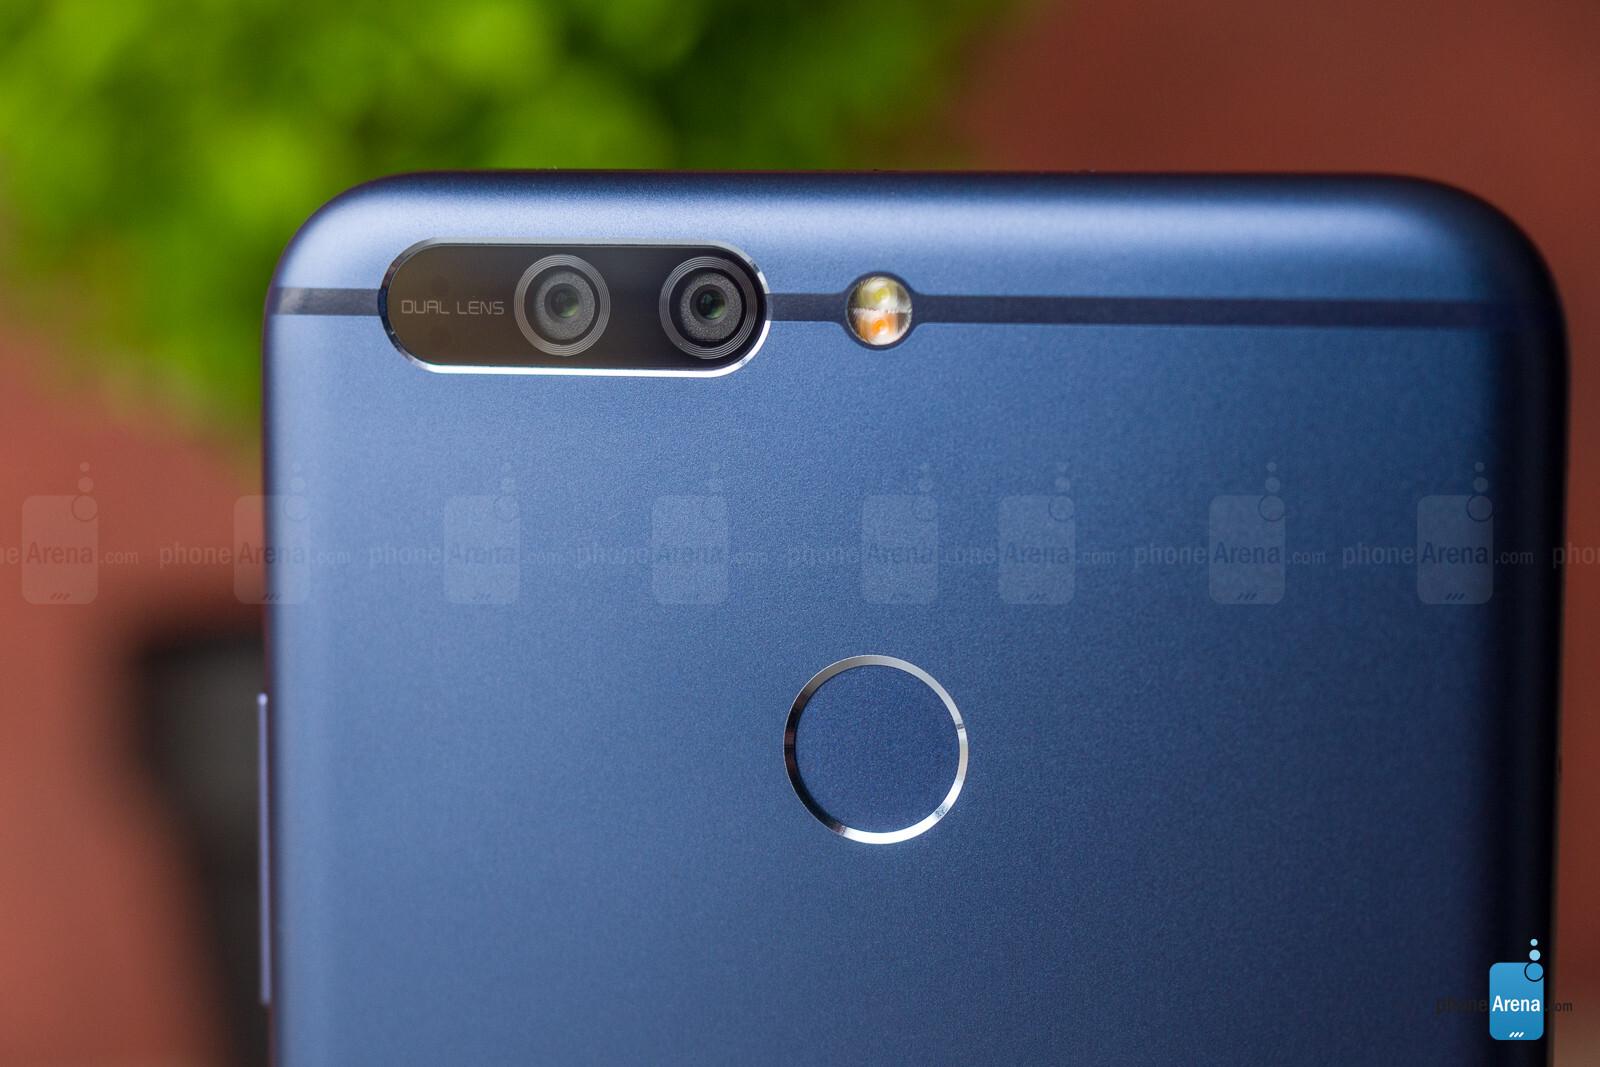 Honor 8 Honor 8 Pro Honor 7x Will Receive Android Oreo – Fondos de